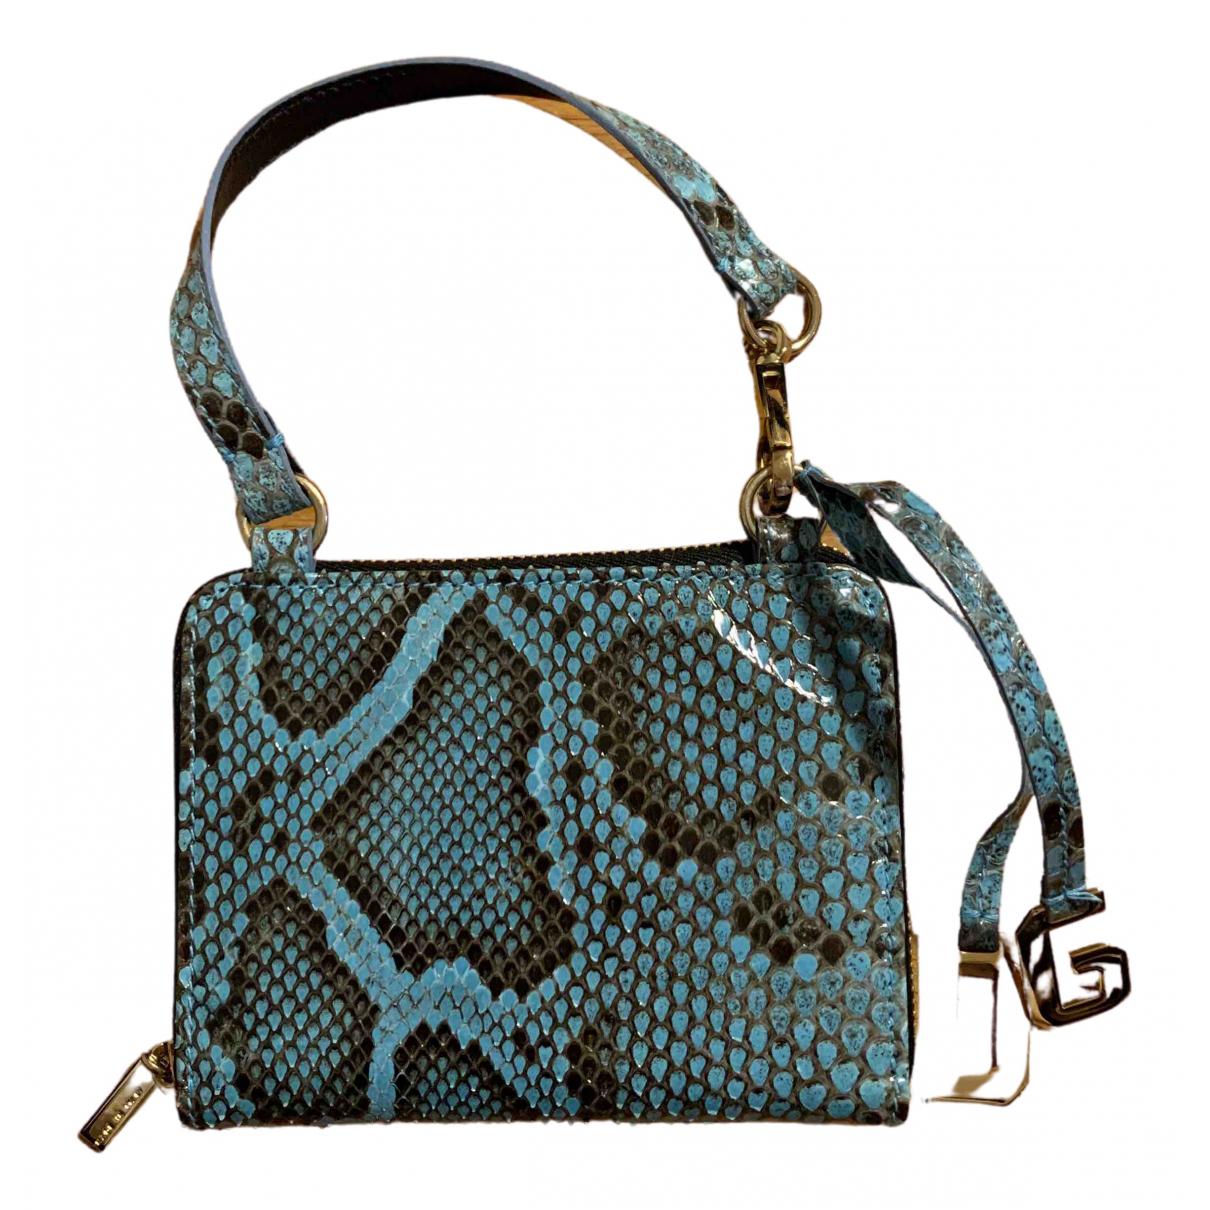 Dolce & Gabbana \N Clutch in  Tuerkis Python